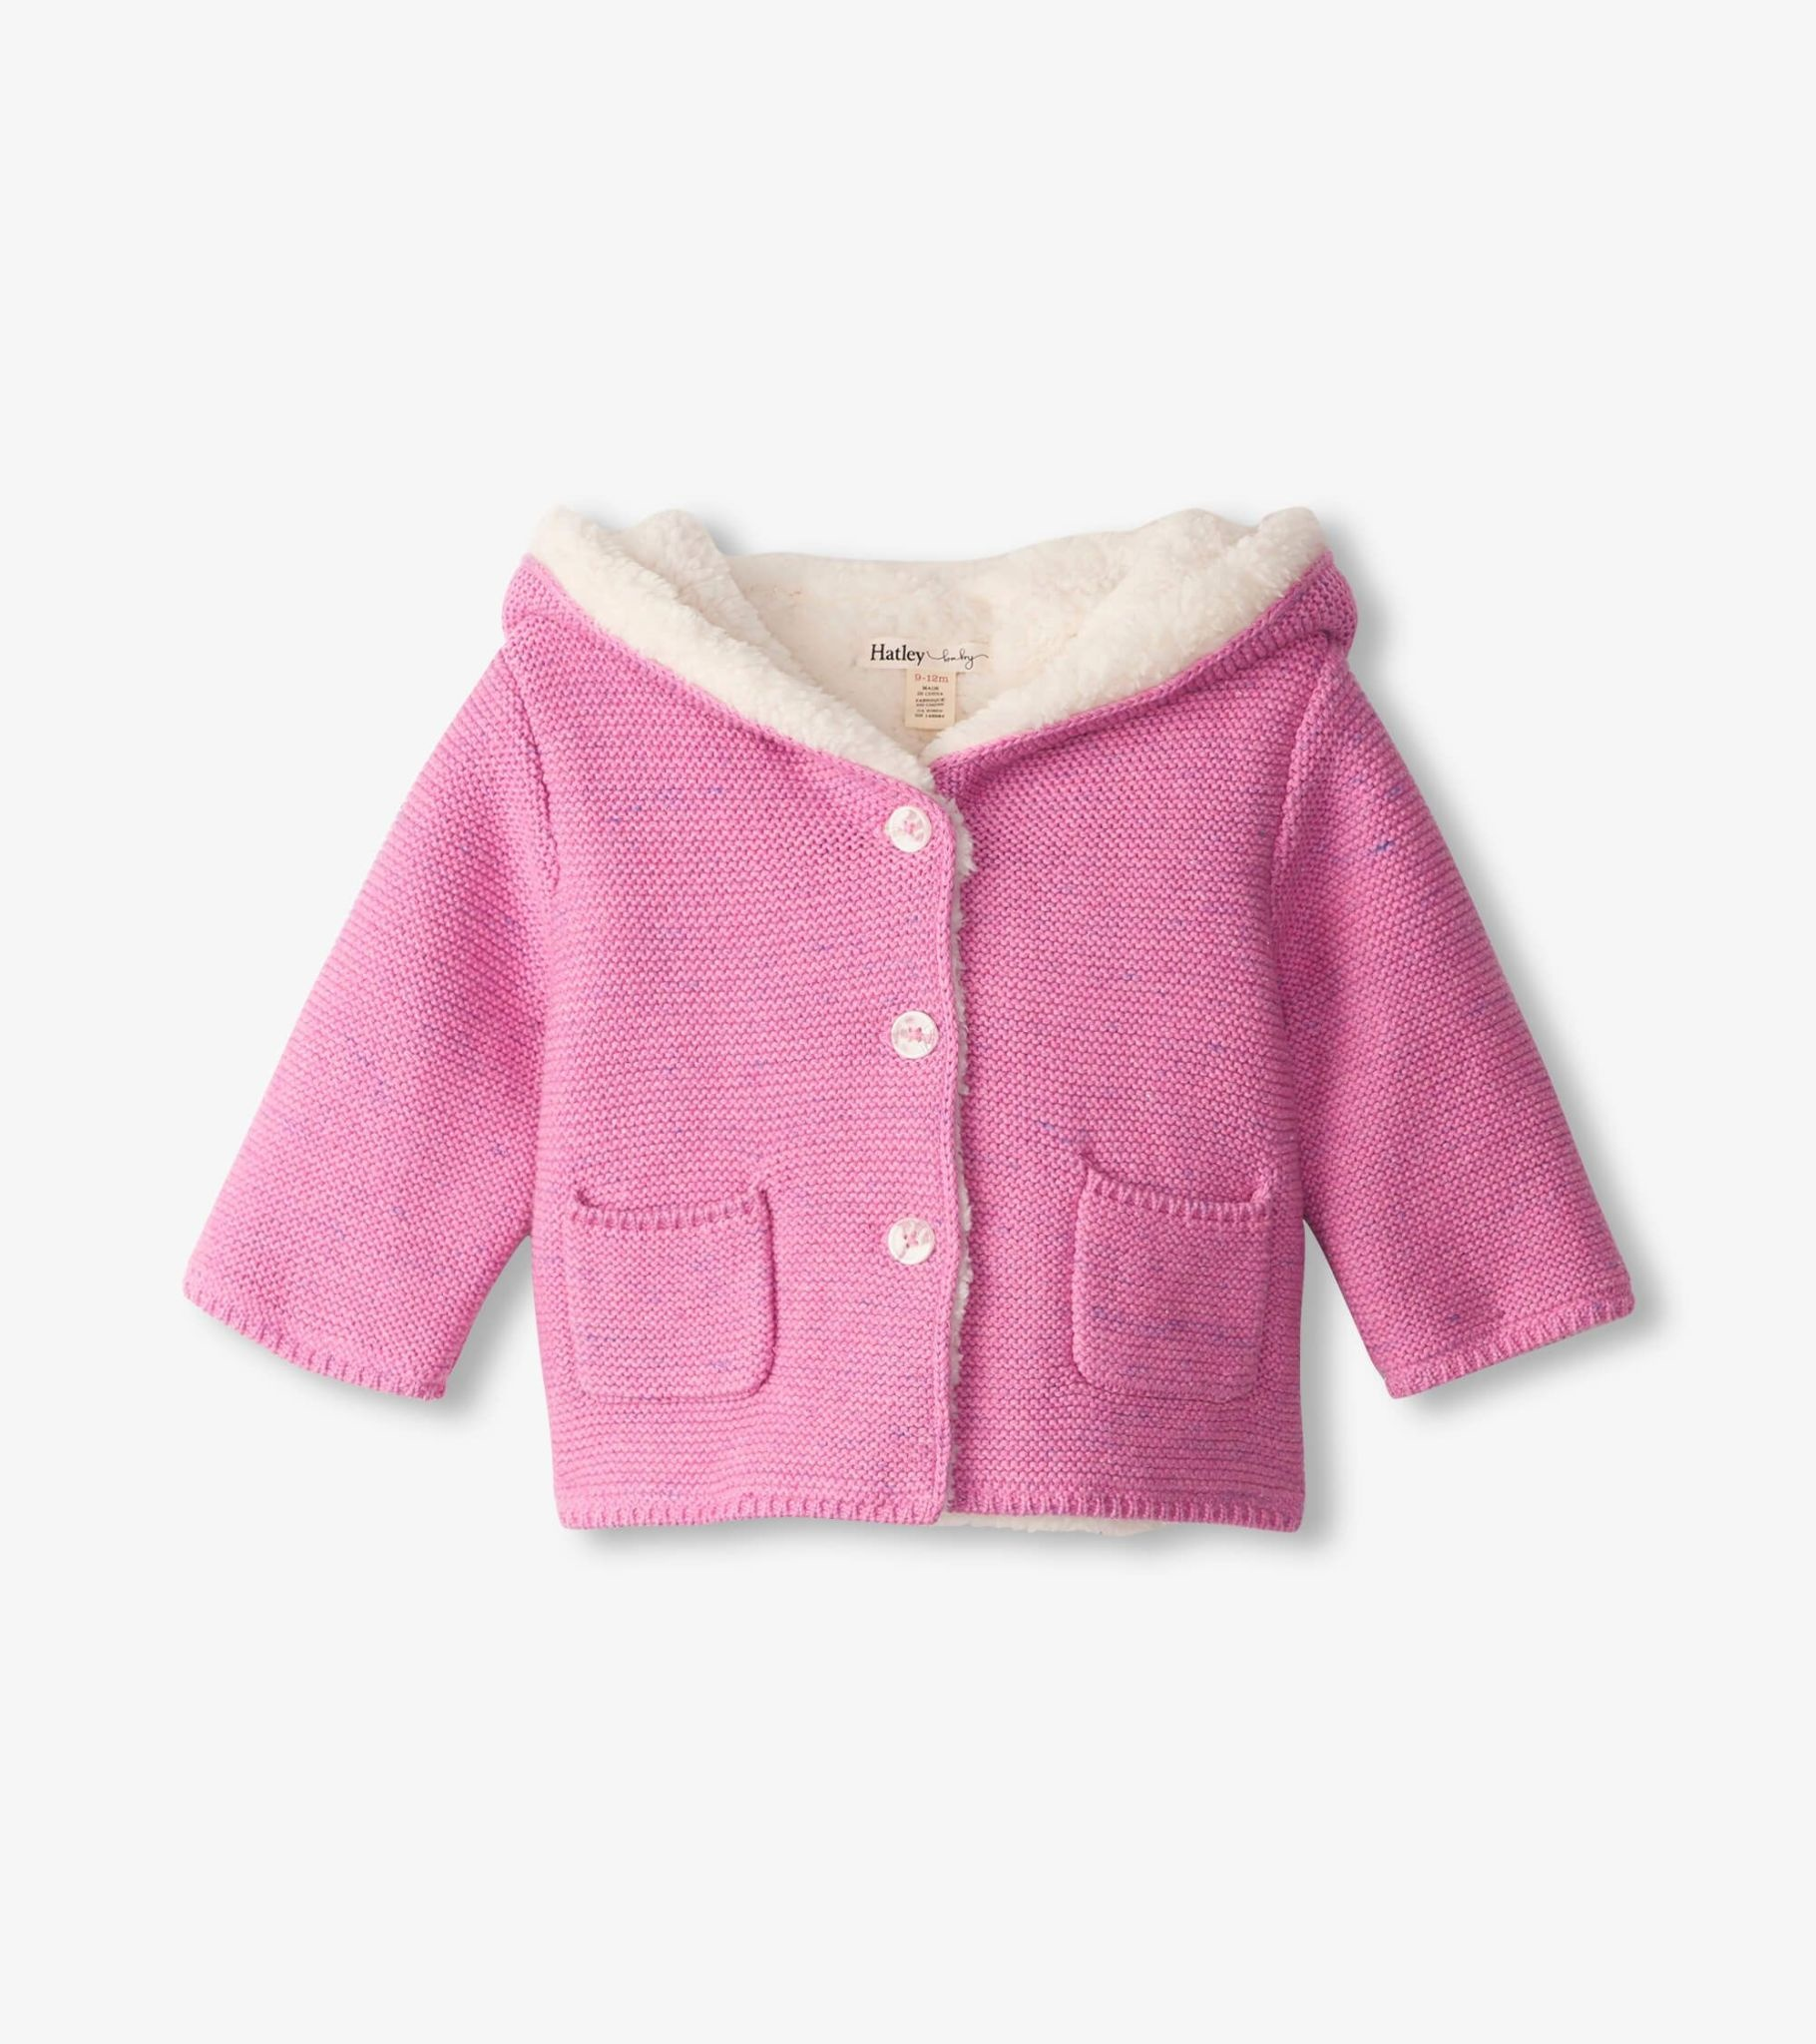 Hatley Hatley Sherpa Lined Sweater